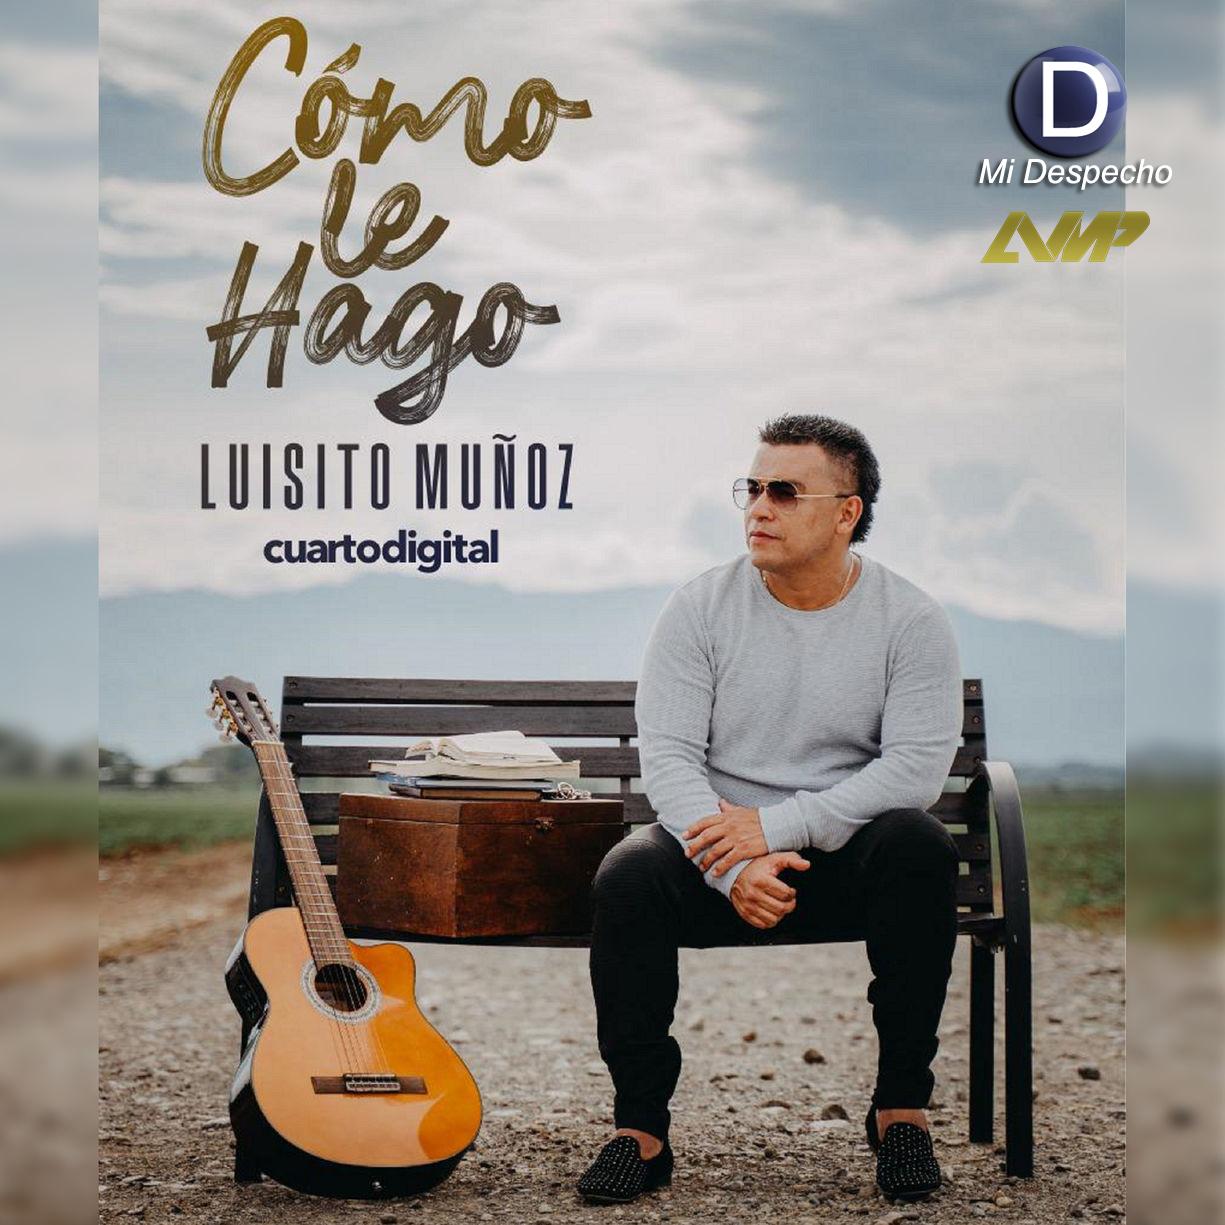 Luisito Muñoz Como Le Hago Frontal